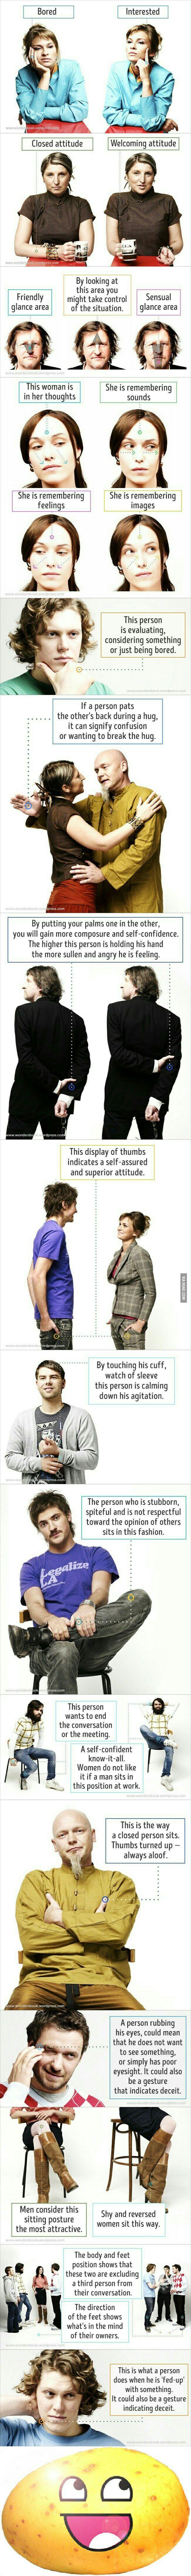 Le langage du corps expliqué en une infographie !                                                                                                                                                                                 More